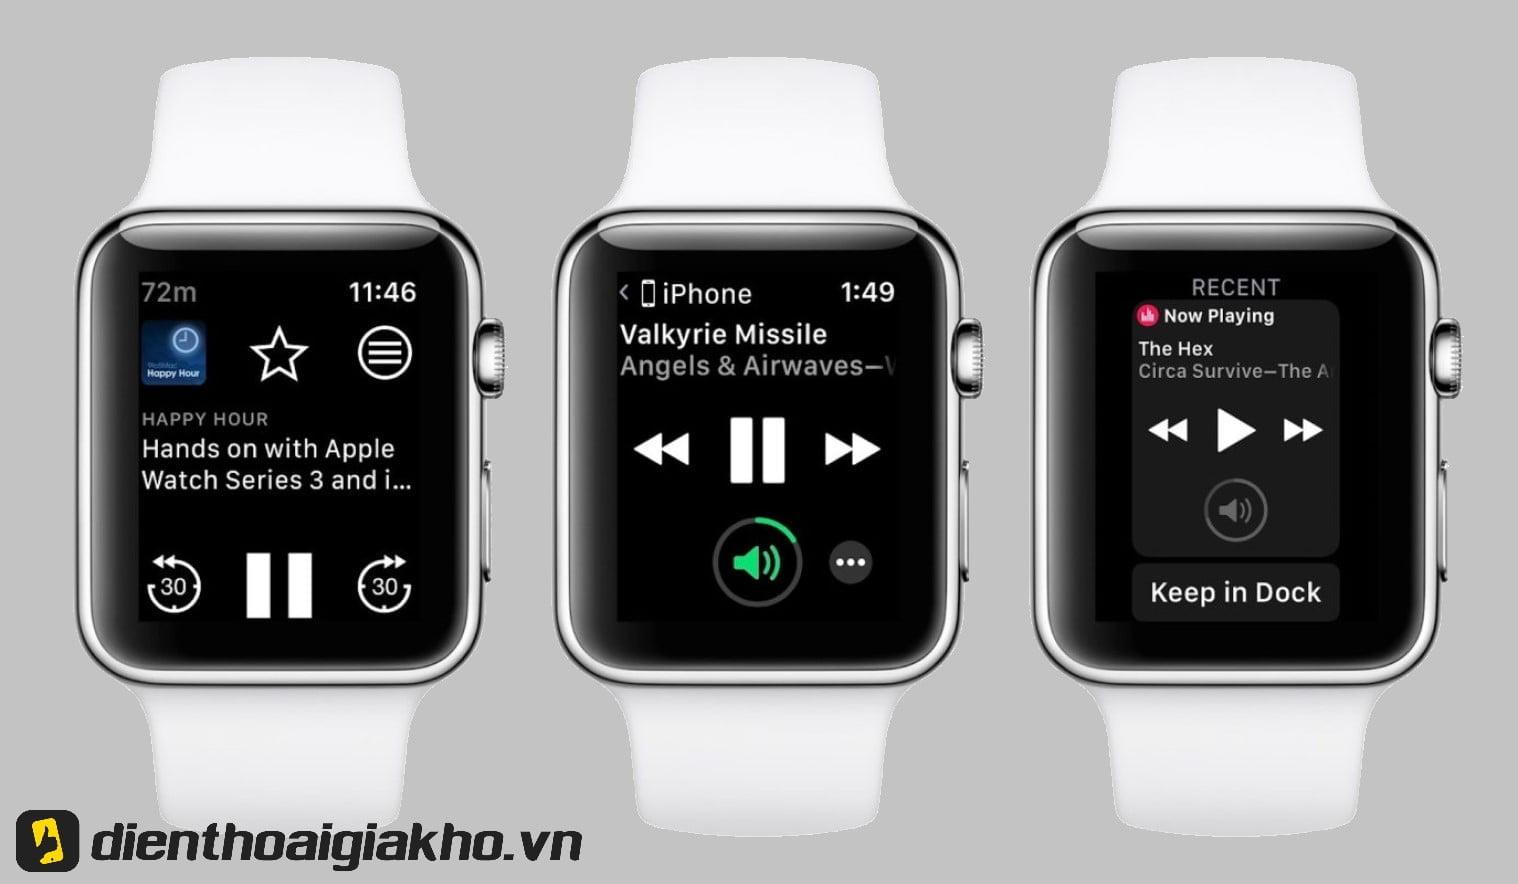 Thưởng thức âm nhạc yêu thích ngay từ chiếc đồng hồ trên tay bạn - một hình thức thư giãn đầy tiện lợi.